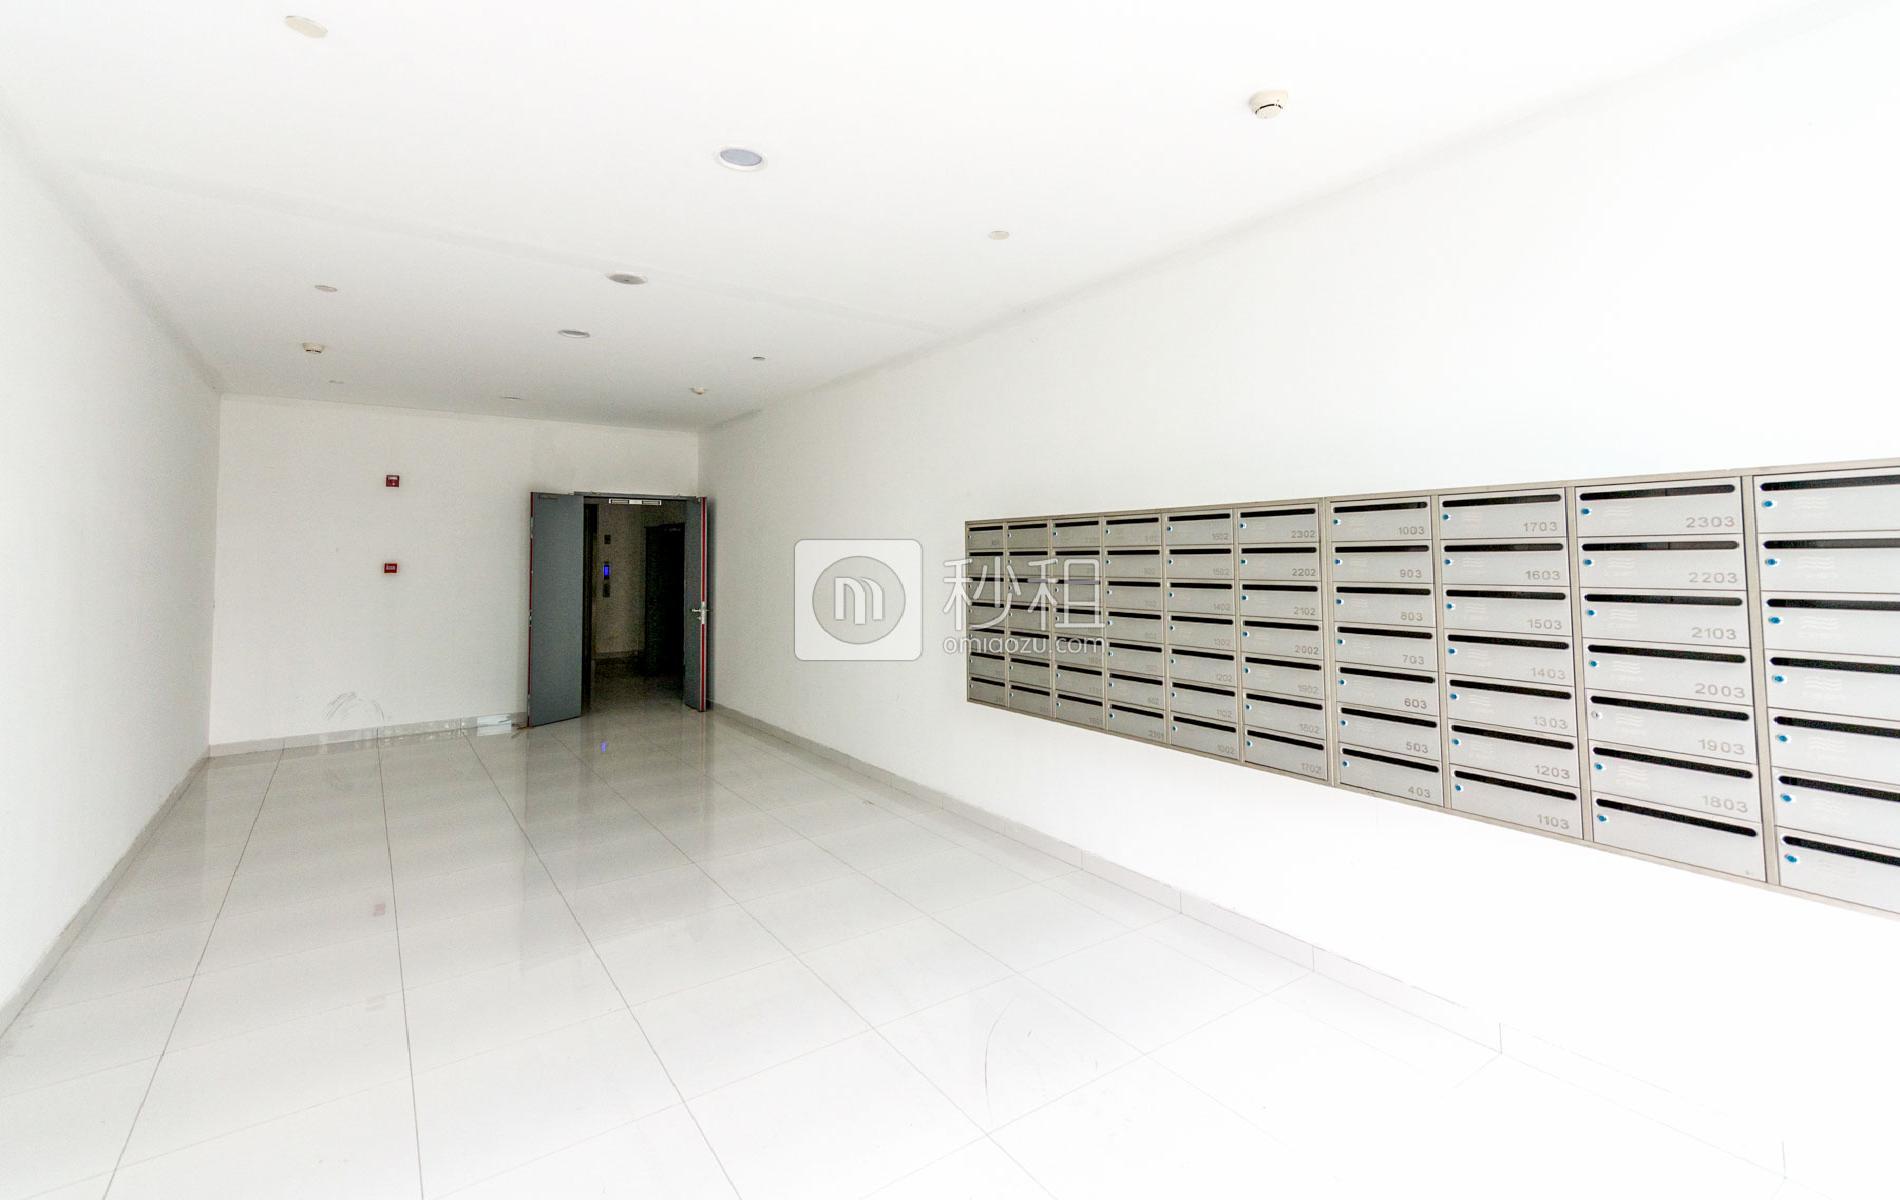 汇金国际写字楼出租/招租/租赁,汇金国际办公室出租/招租/租赁